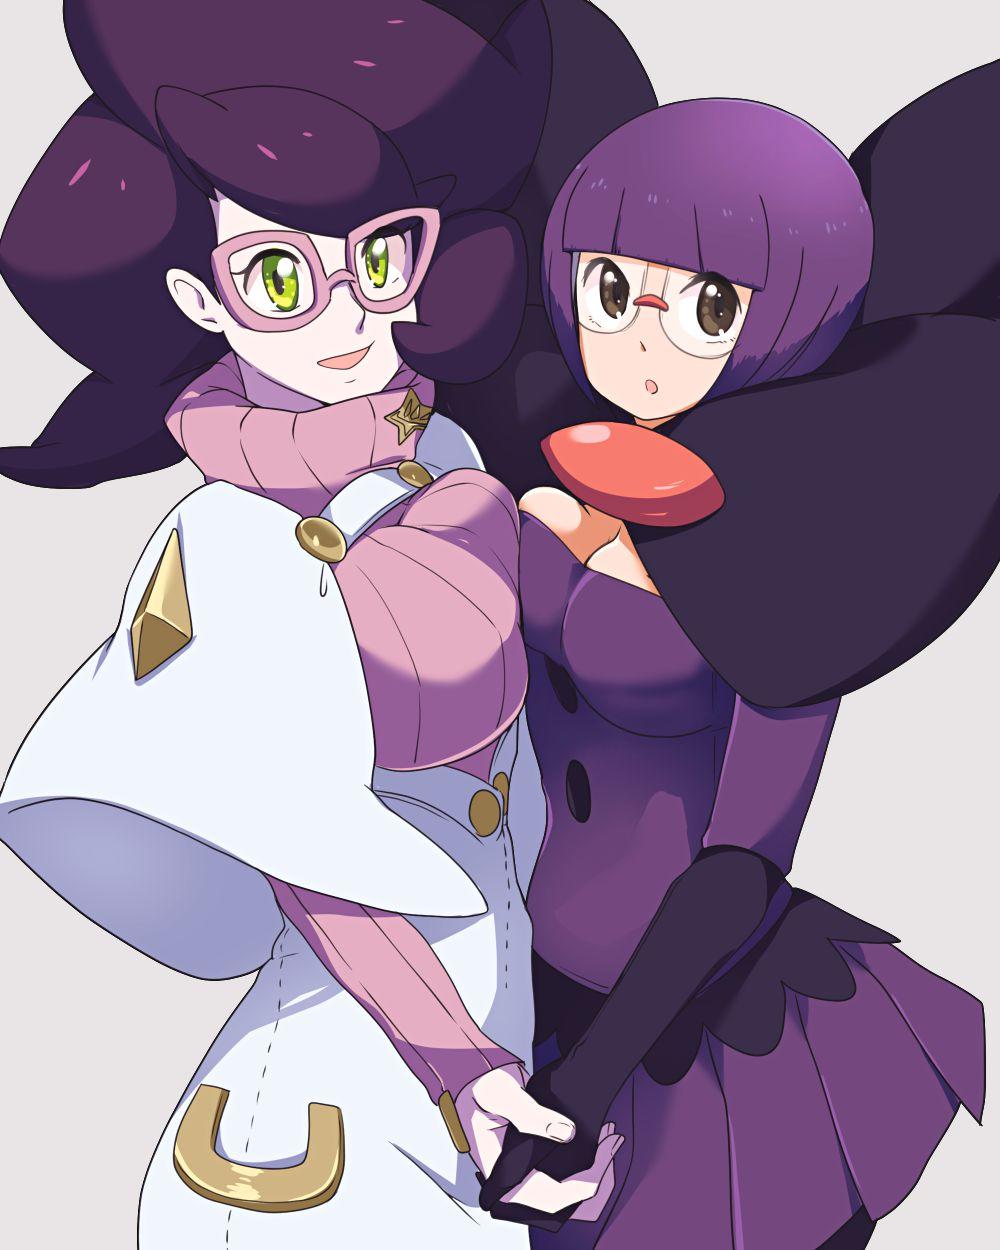 wicke_(pokemon)074